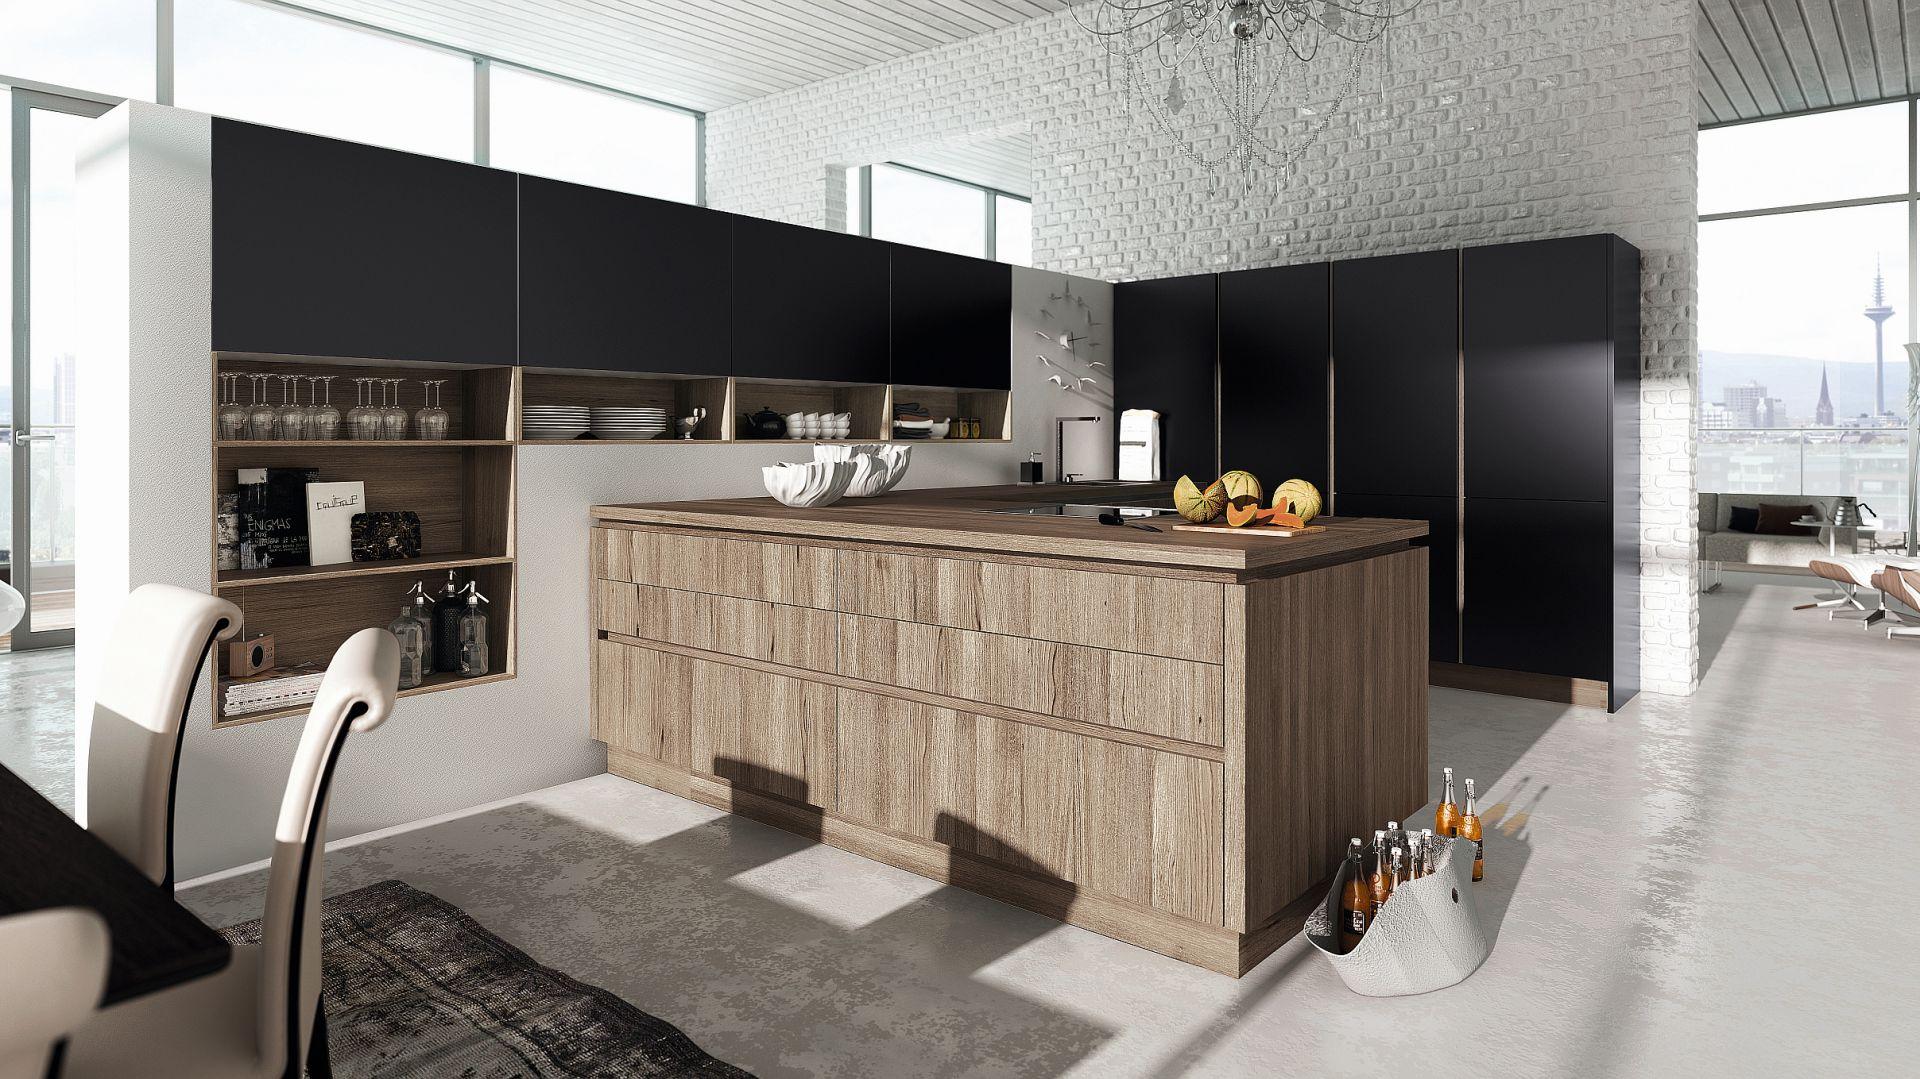 Alno – nowoczesna, minimalistyczna zabudowa meblowa zaprojektowana z myślą o wnętrzach otwartych dyskretnie wtapia się w tło. Pojemna zabudowa, którą uzupełnia wysoki półwyspem zapewniają komfort na co dzień. Fot. Alno